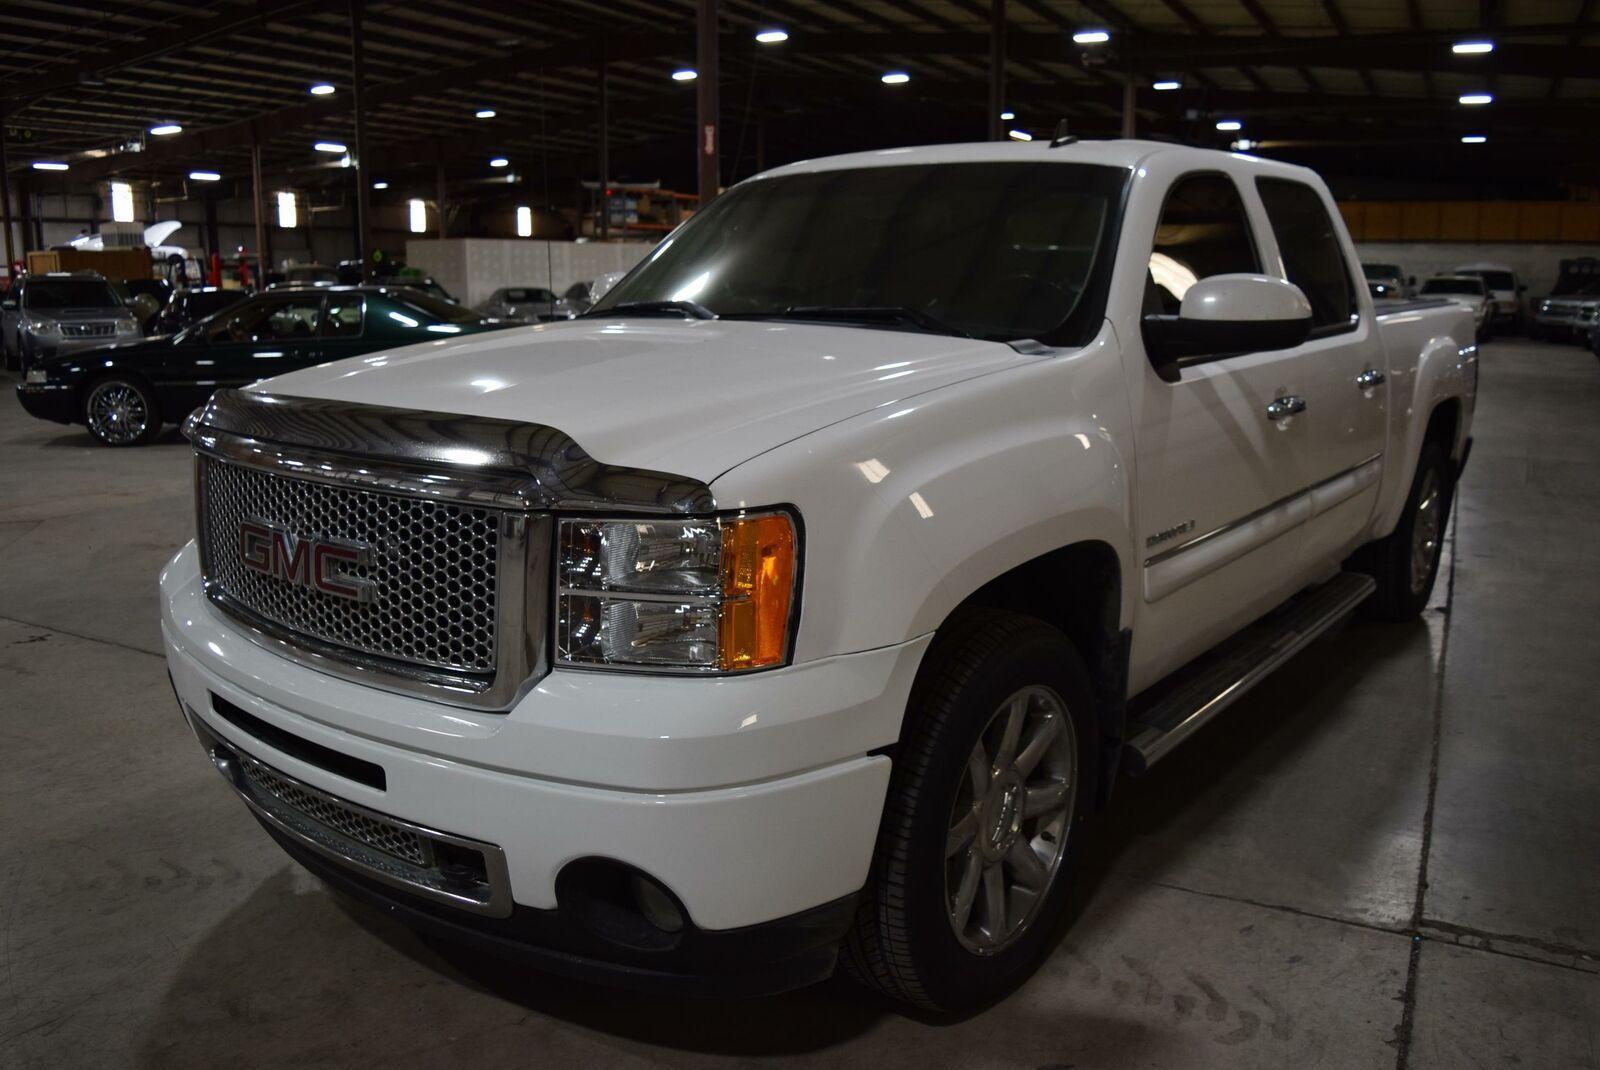 fully loaded 2011 GMC Sierra 1500 Denali lifted for sale